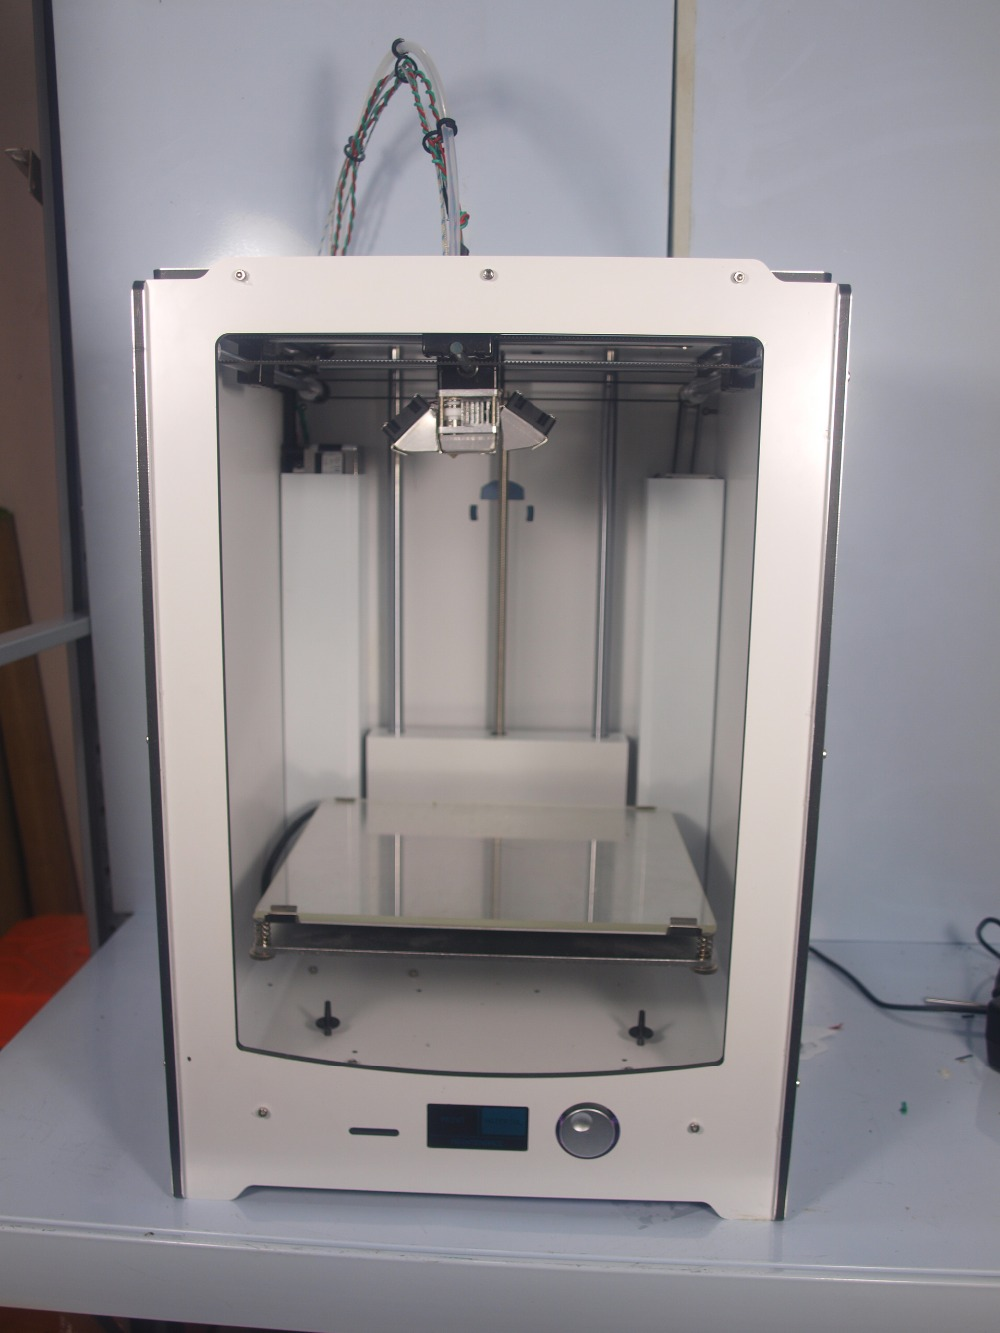 Blurolls Ultimaker 2 extended 3D printer DIY full kit not assemble Ultimaker2 Extended dual nozzles 3